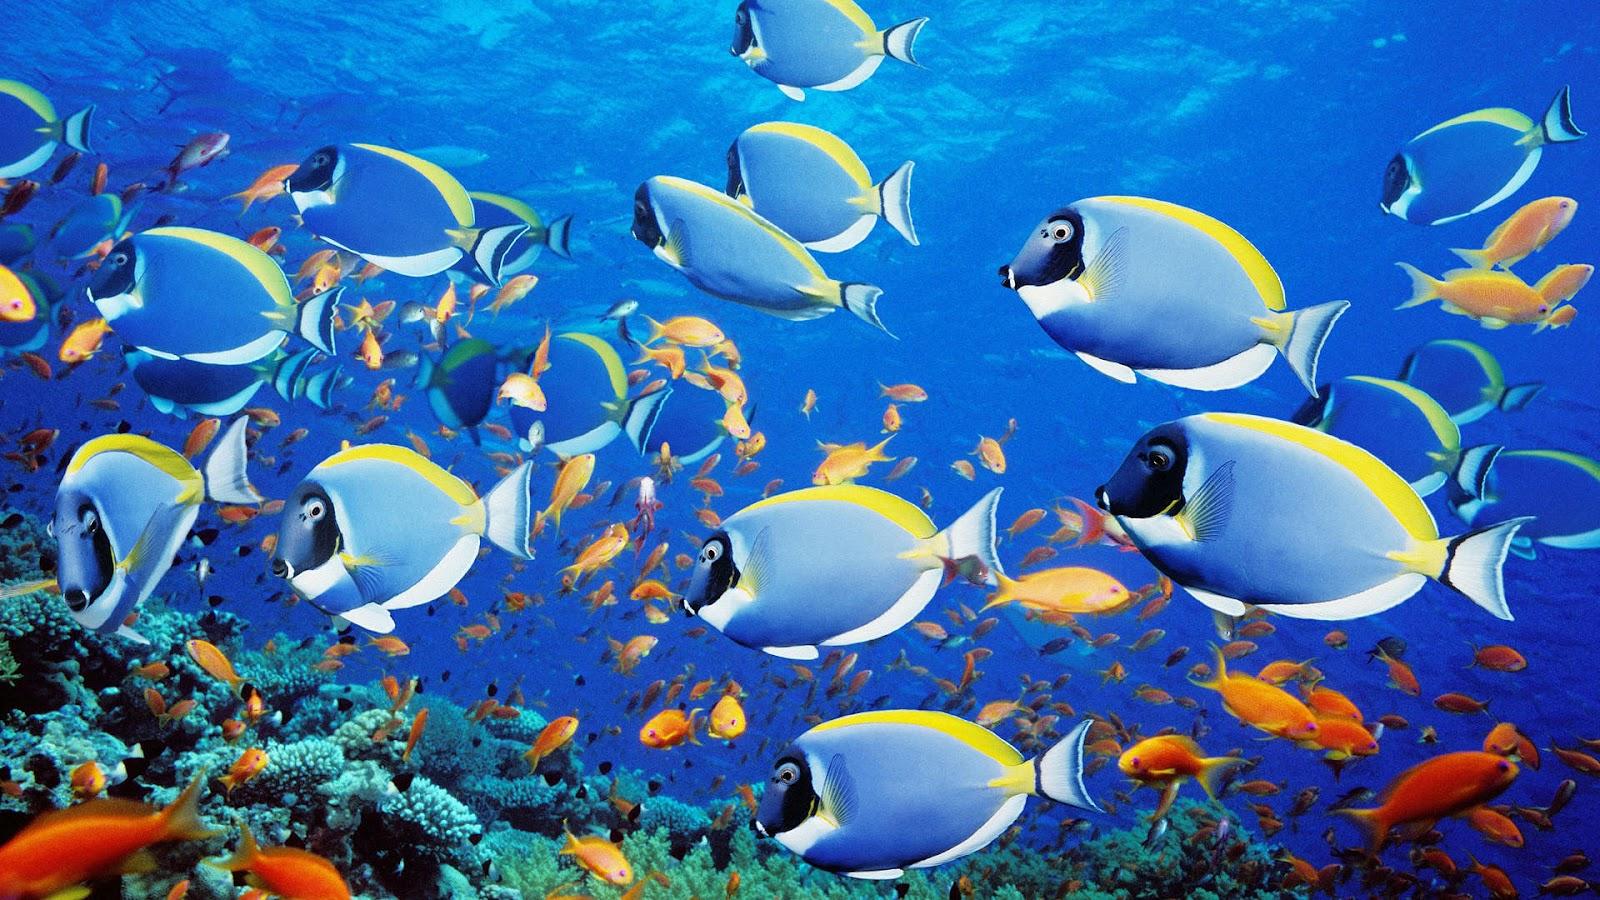 Unique Wallpaper Exotic Fish Wallpaper HD 1600x900